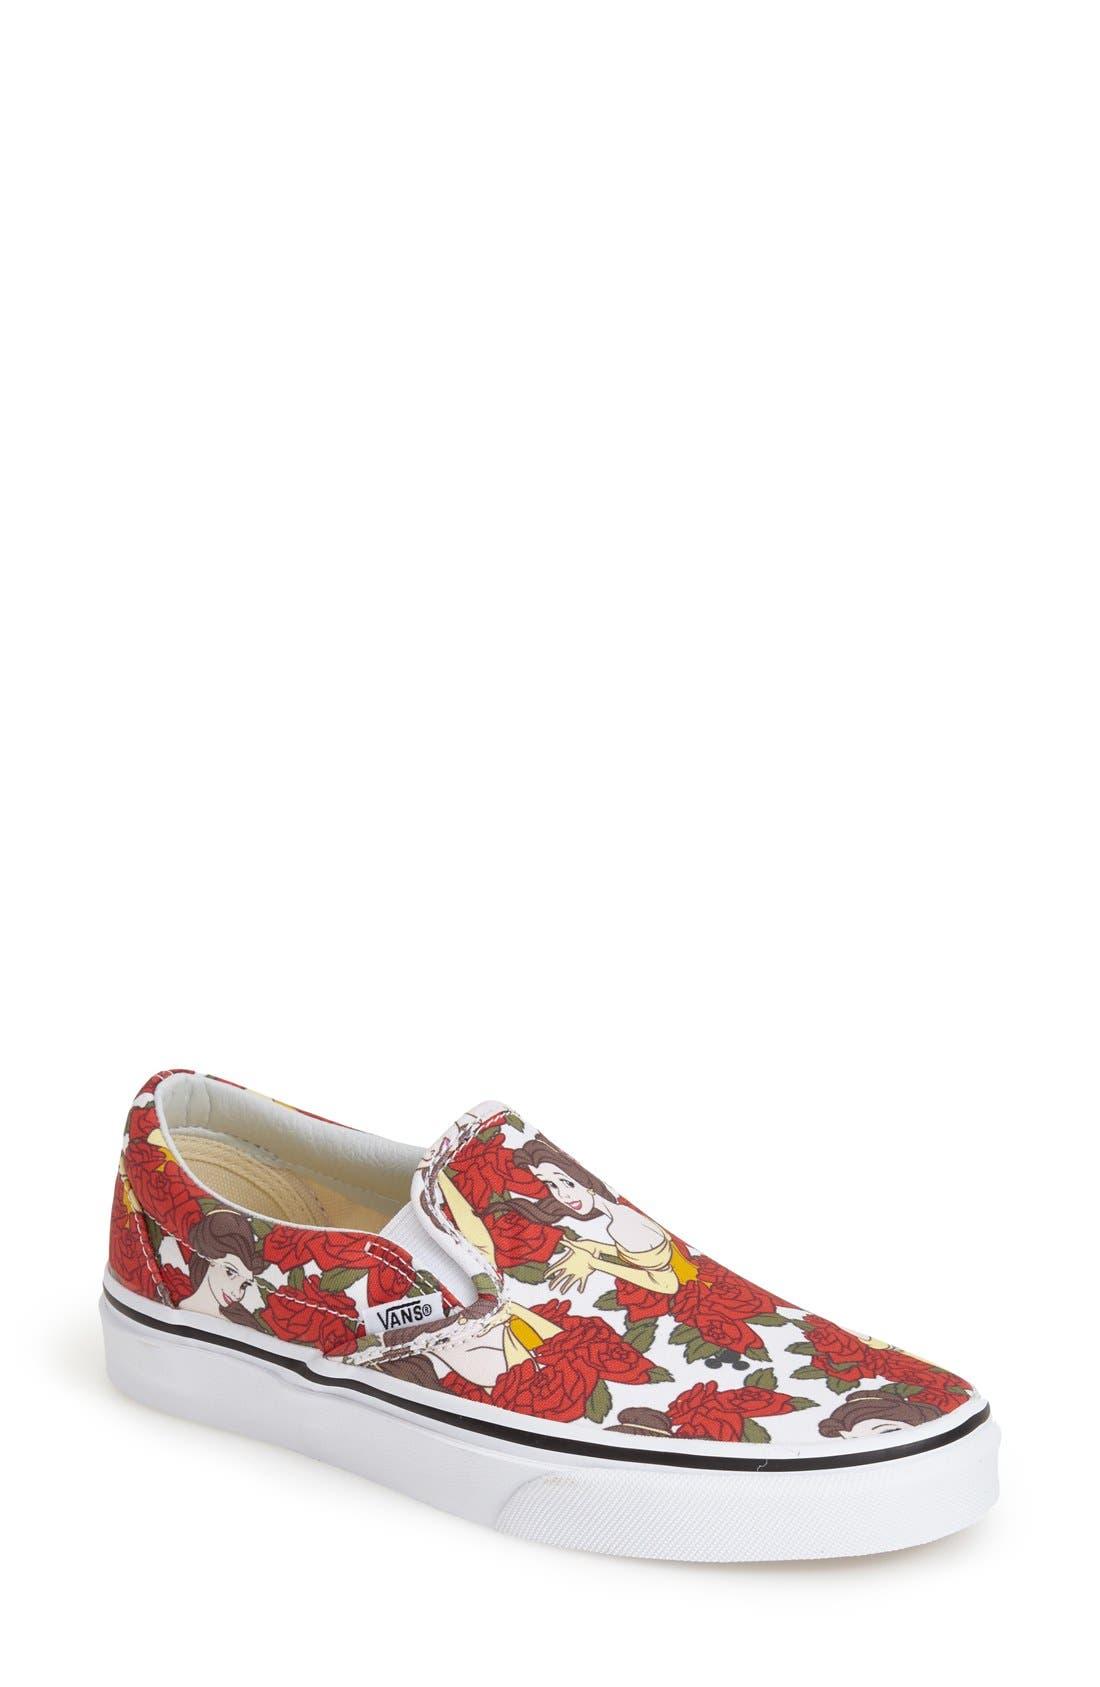 Alternate Image 1 Selected - Vans 'Classic - Disney® Belle' Slip-On Sneaker (Women)